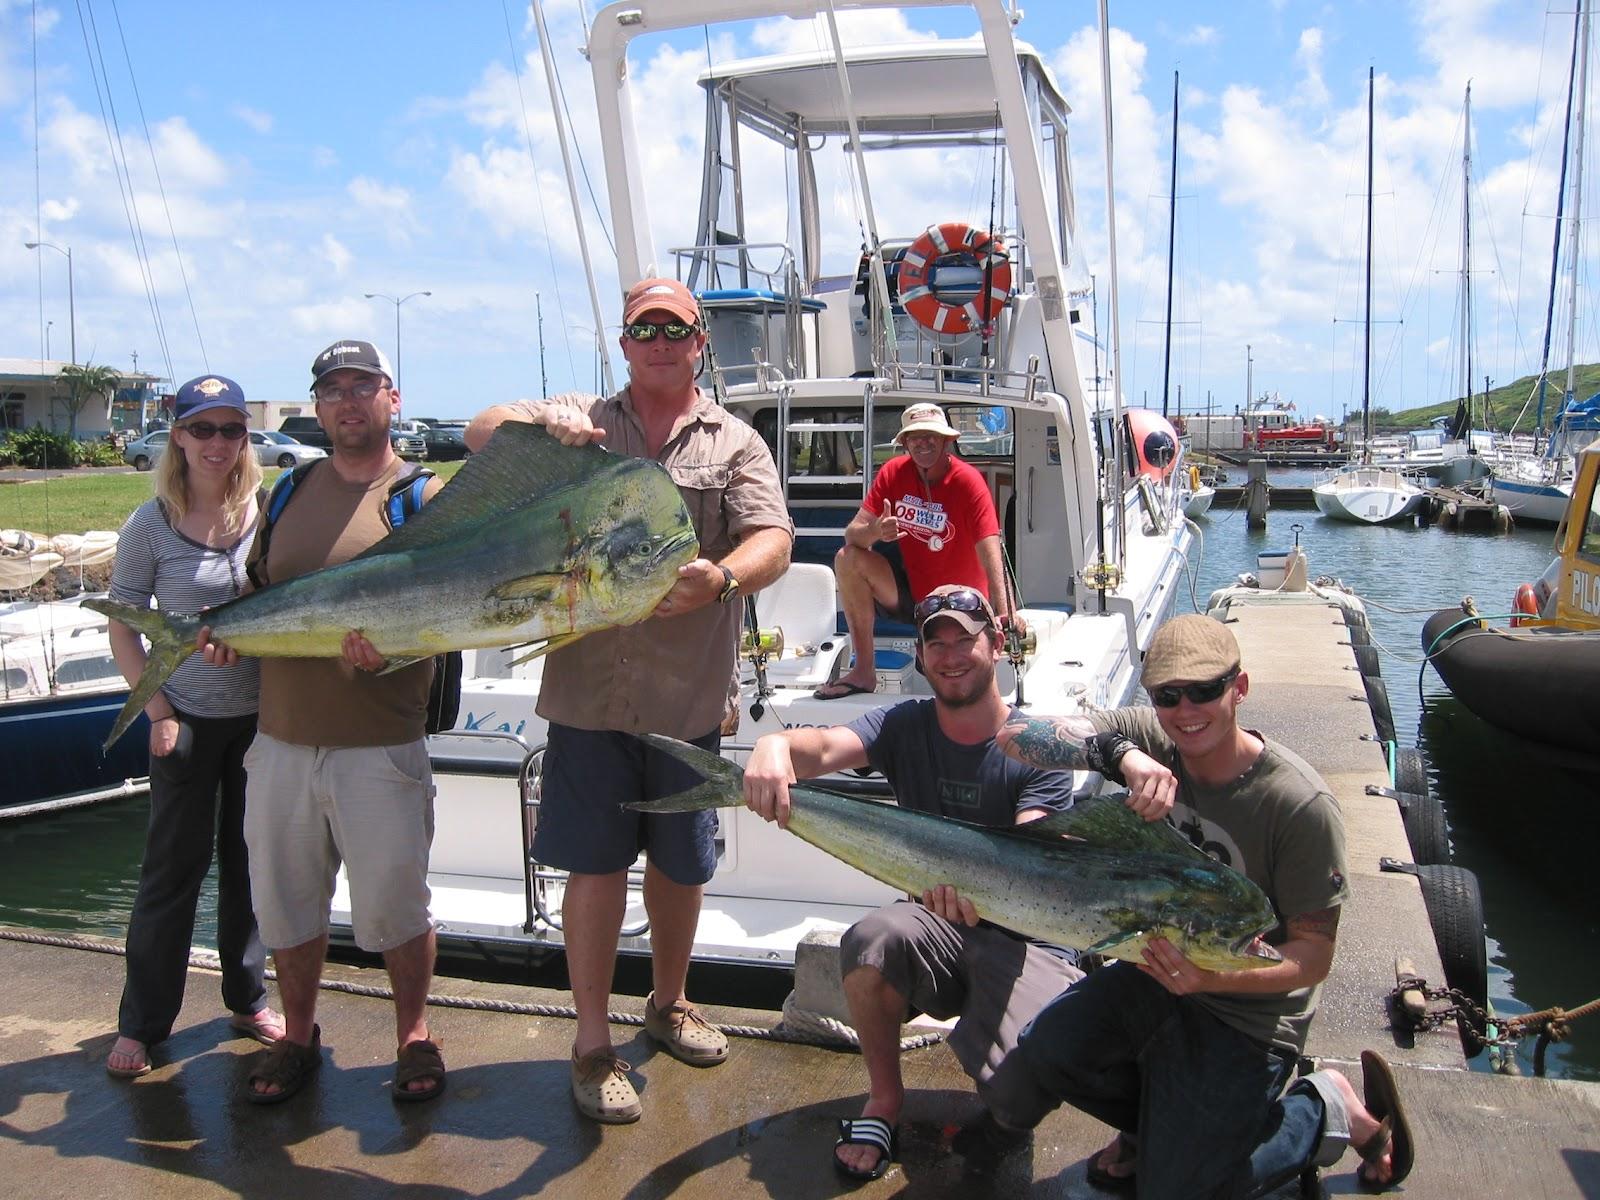 C lure fishing chaters kauai hawaii kauai sportfishing for Fishing in kauai